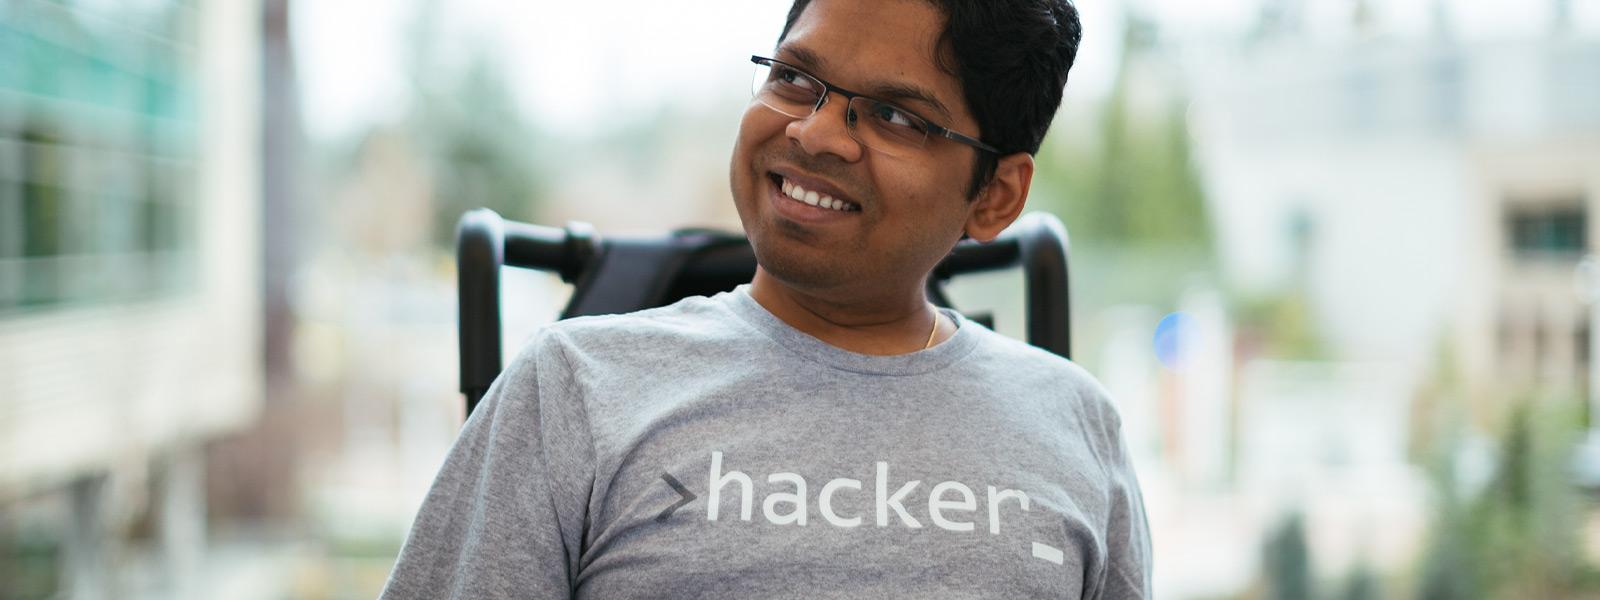 En smilende mann som sitter i en rullestol